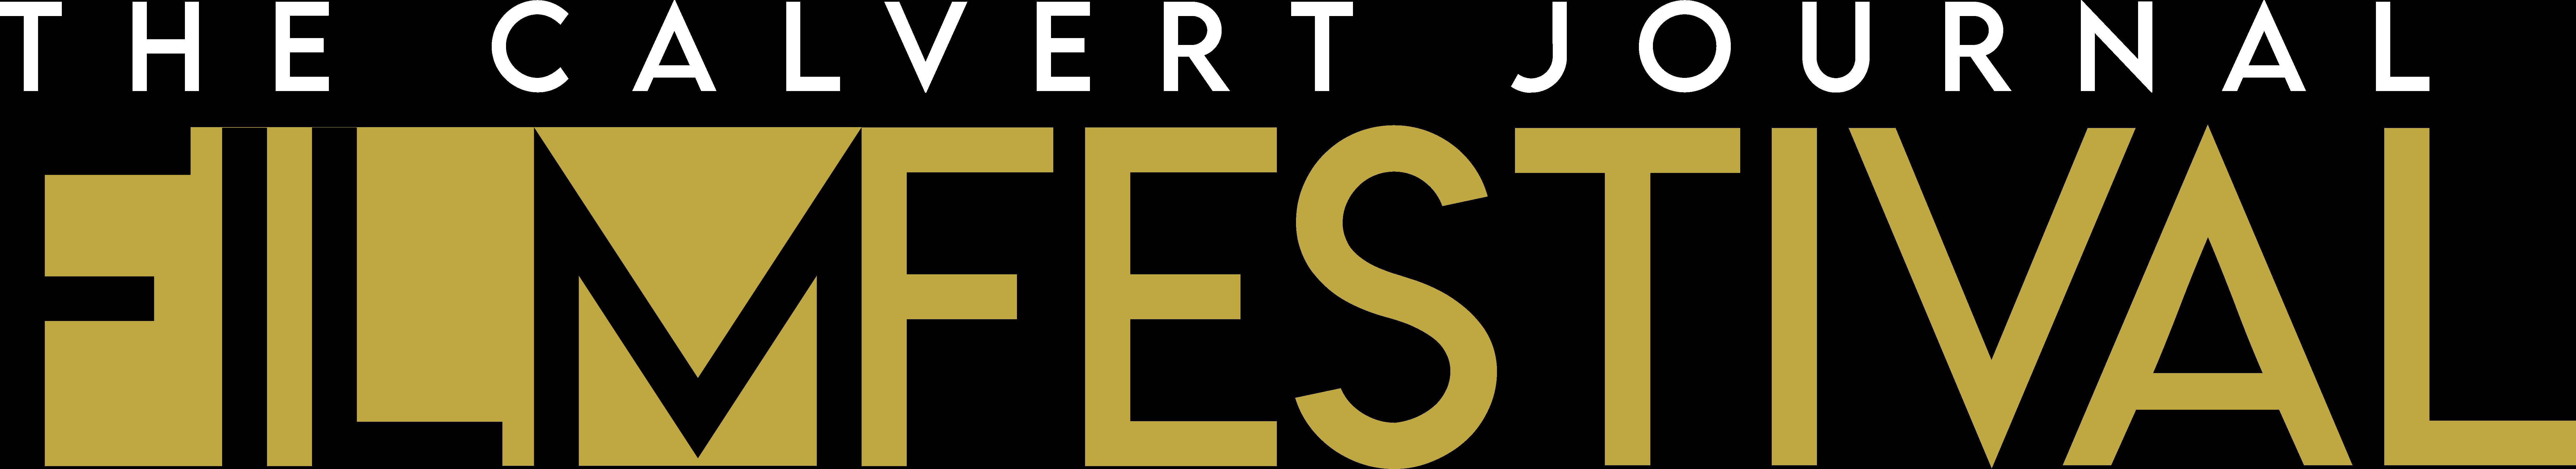 The Calvert Journal Film Festival 2021